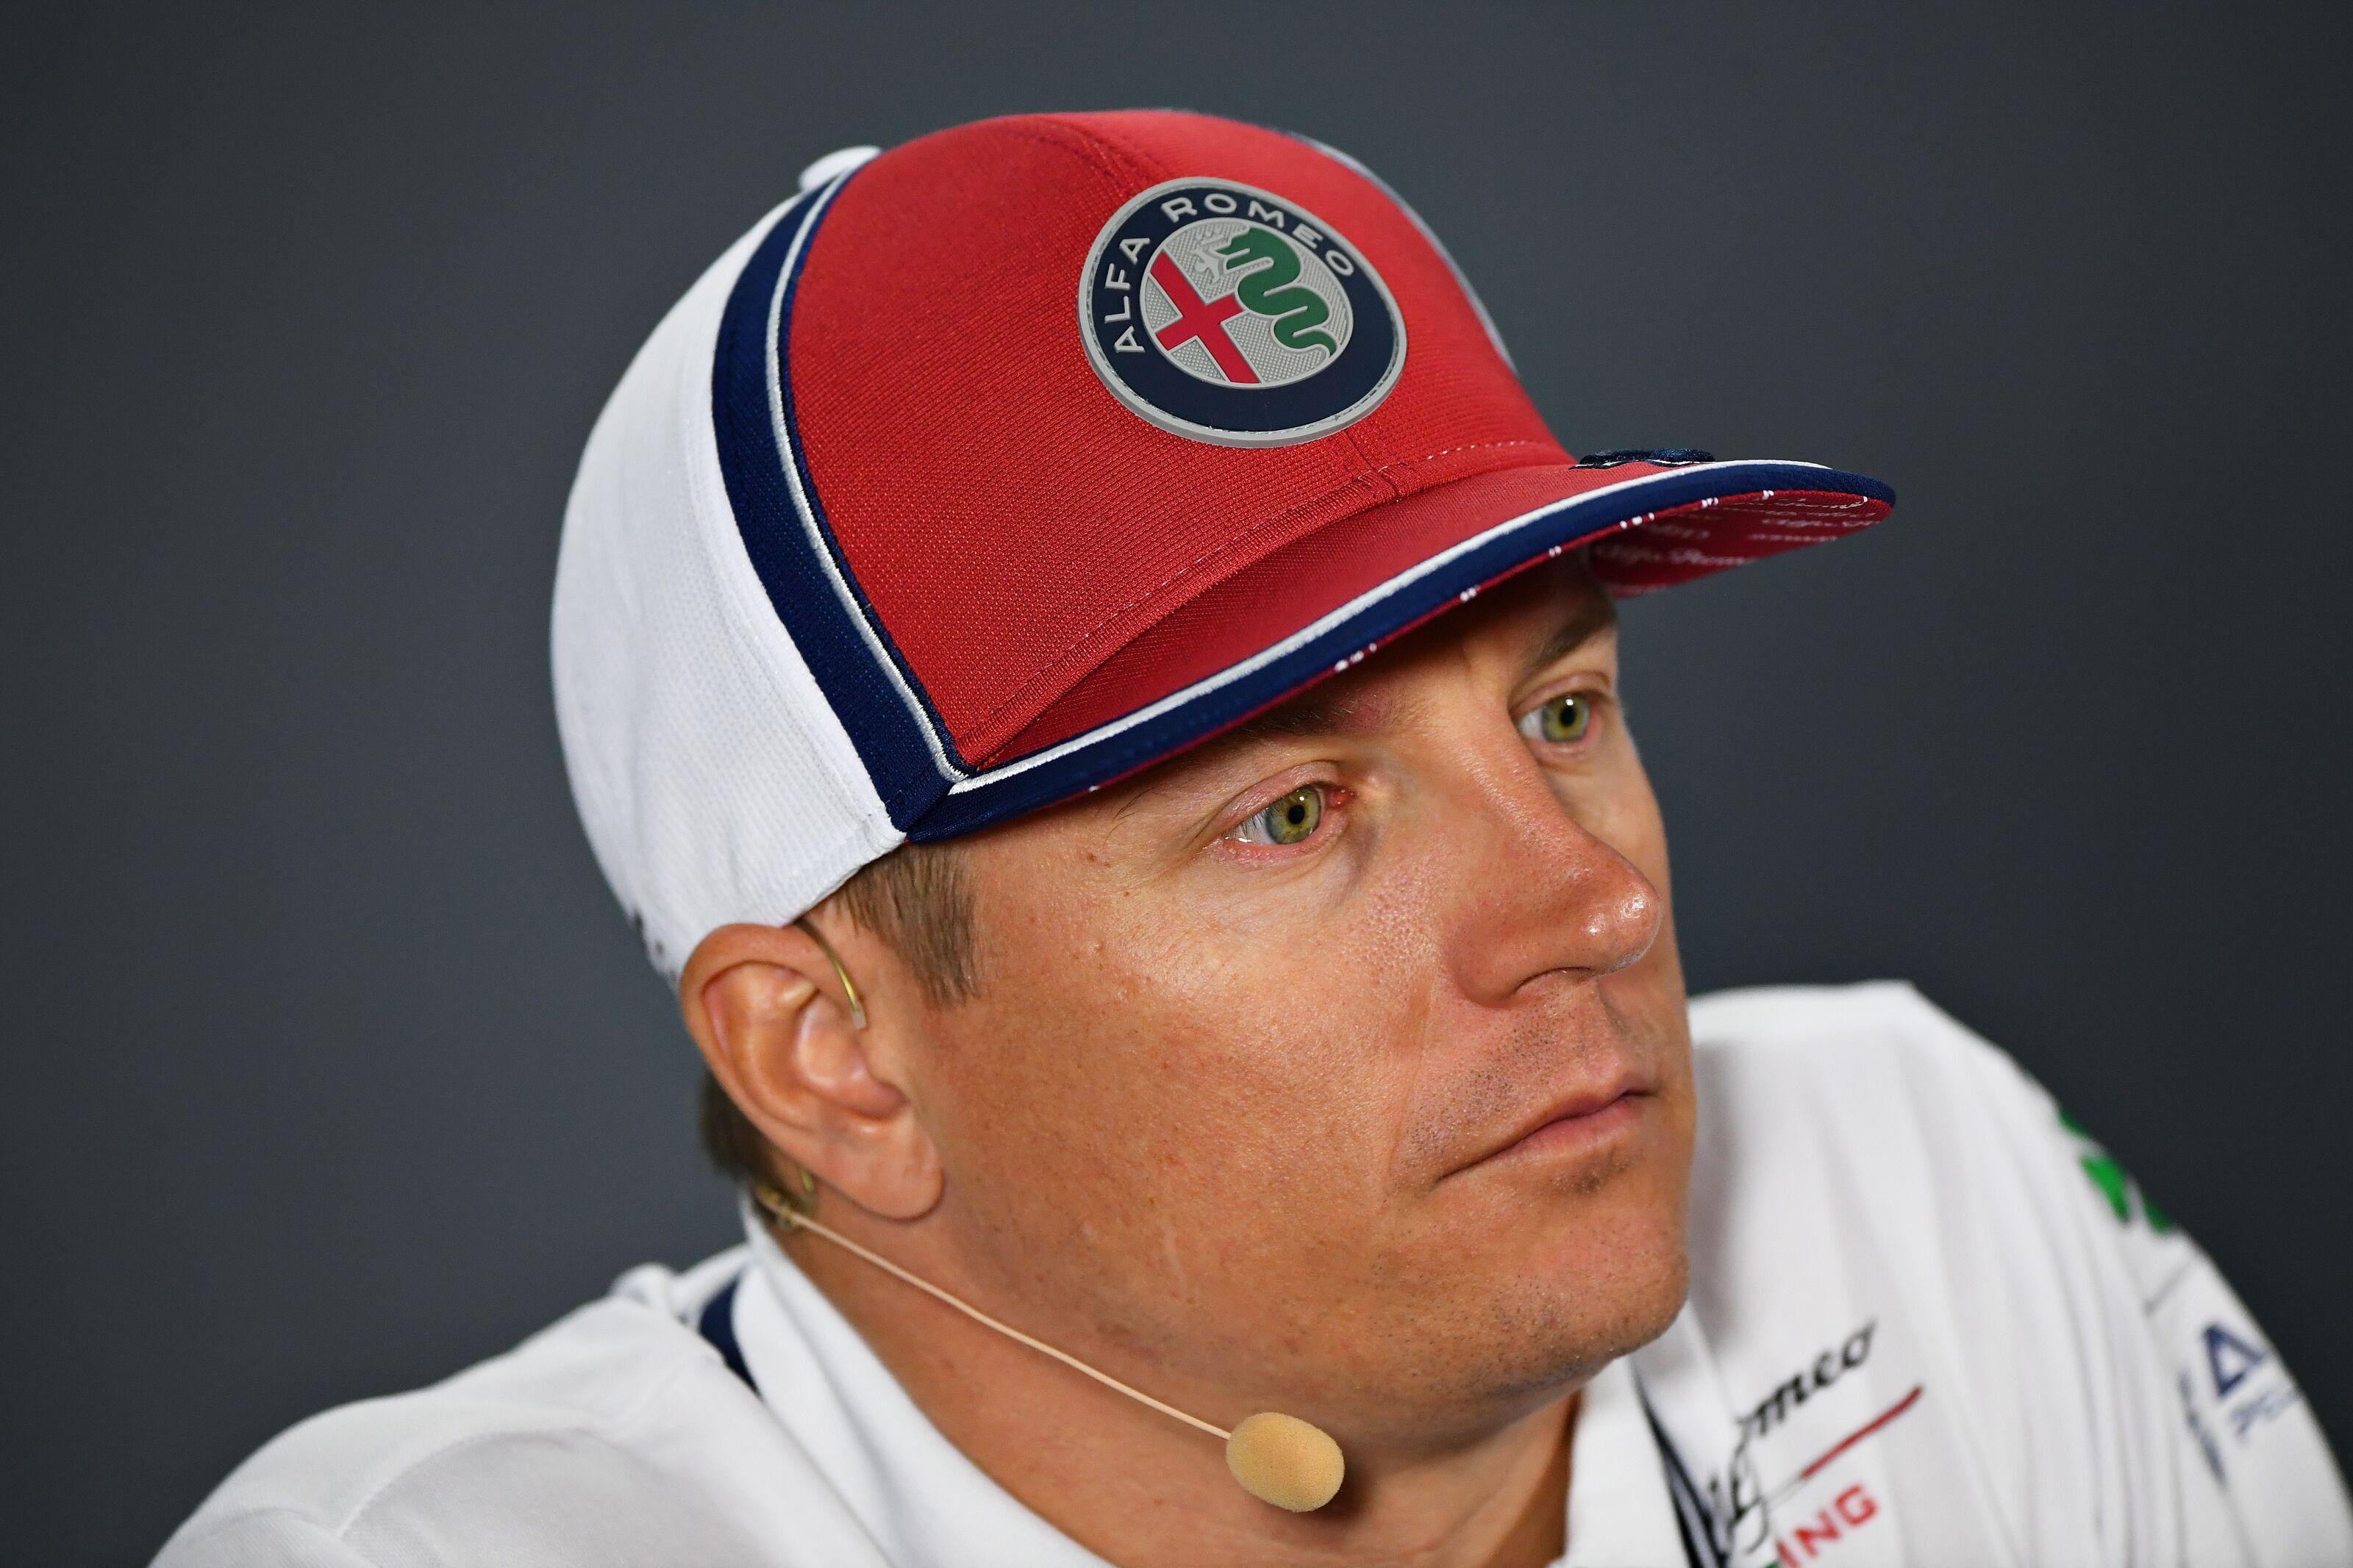 Formula 1: Will 2020 be Kimi Raikkonen's final season?